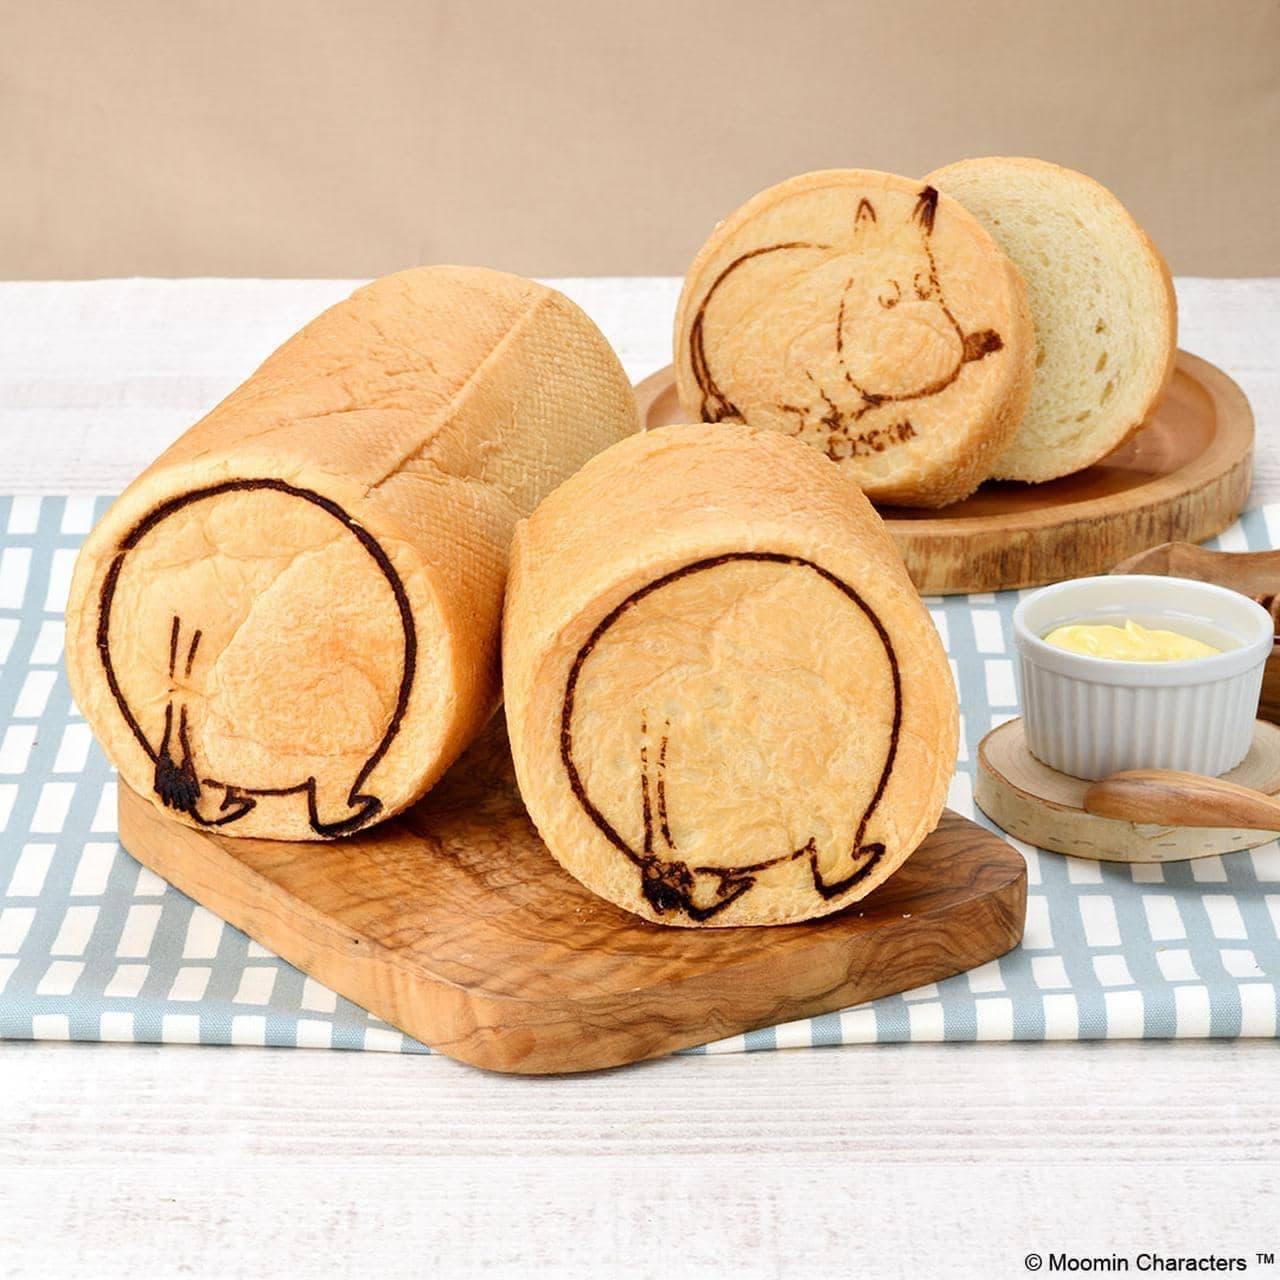 「ムーミンまんまるおしりパン」ムーミンカフェに数量限定で